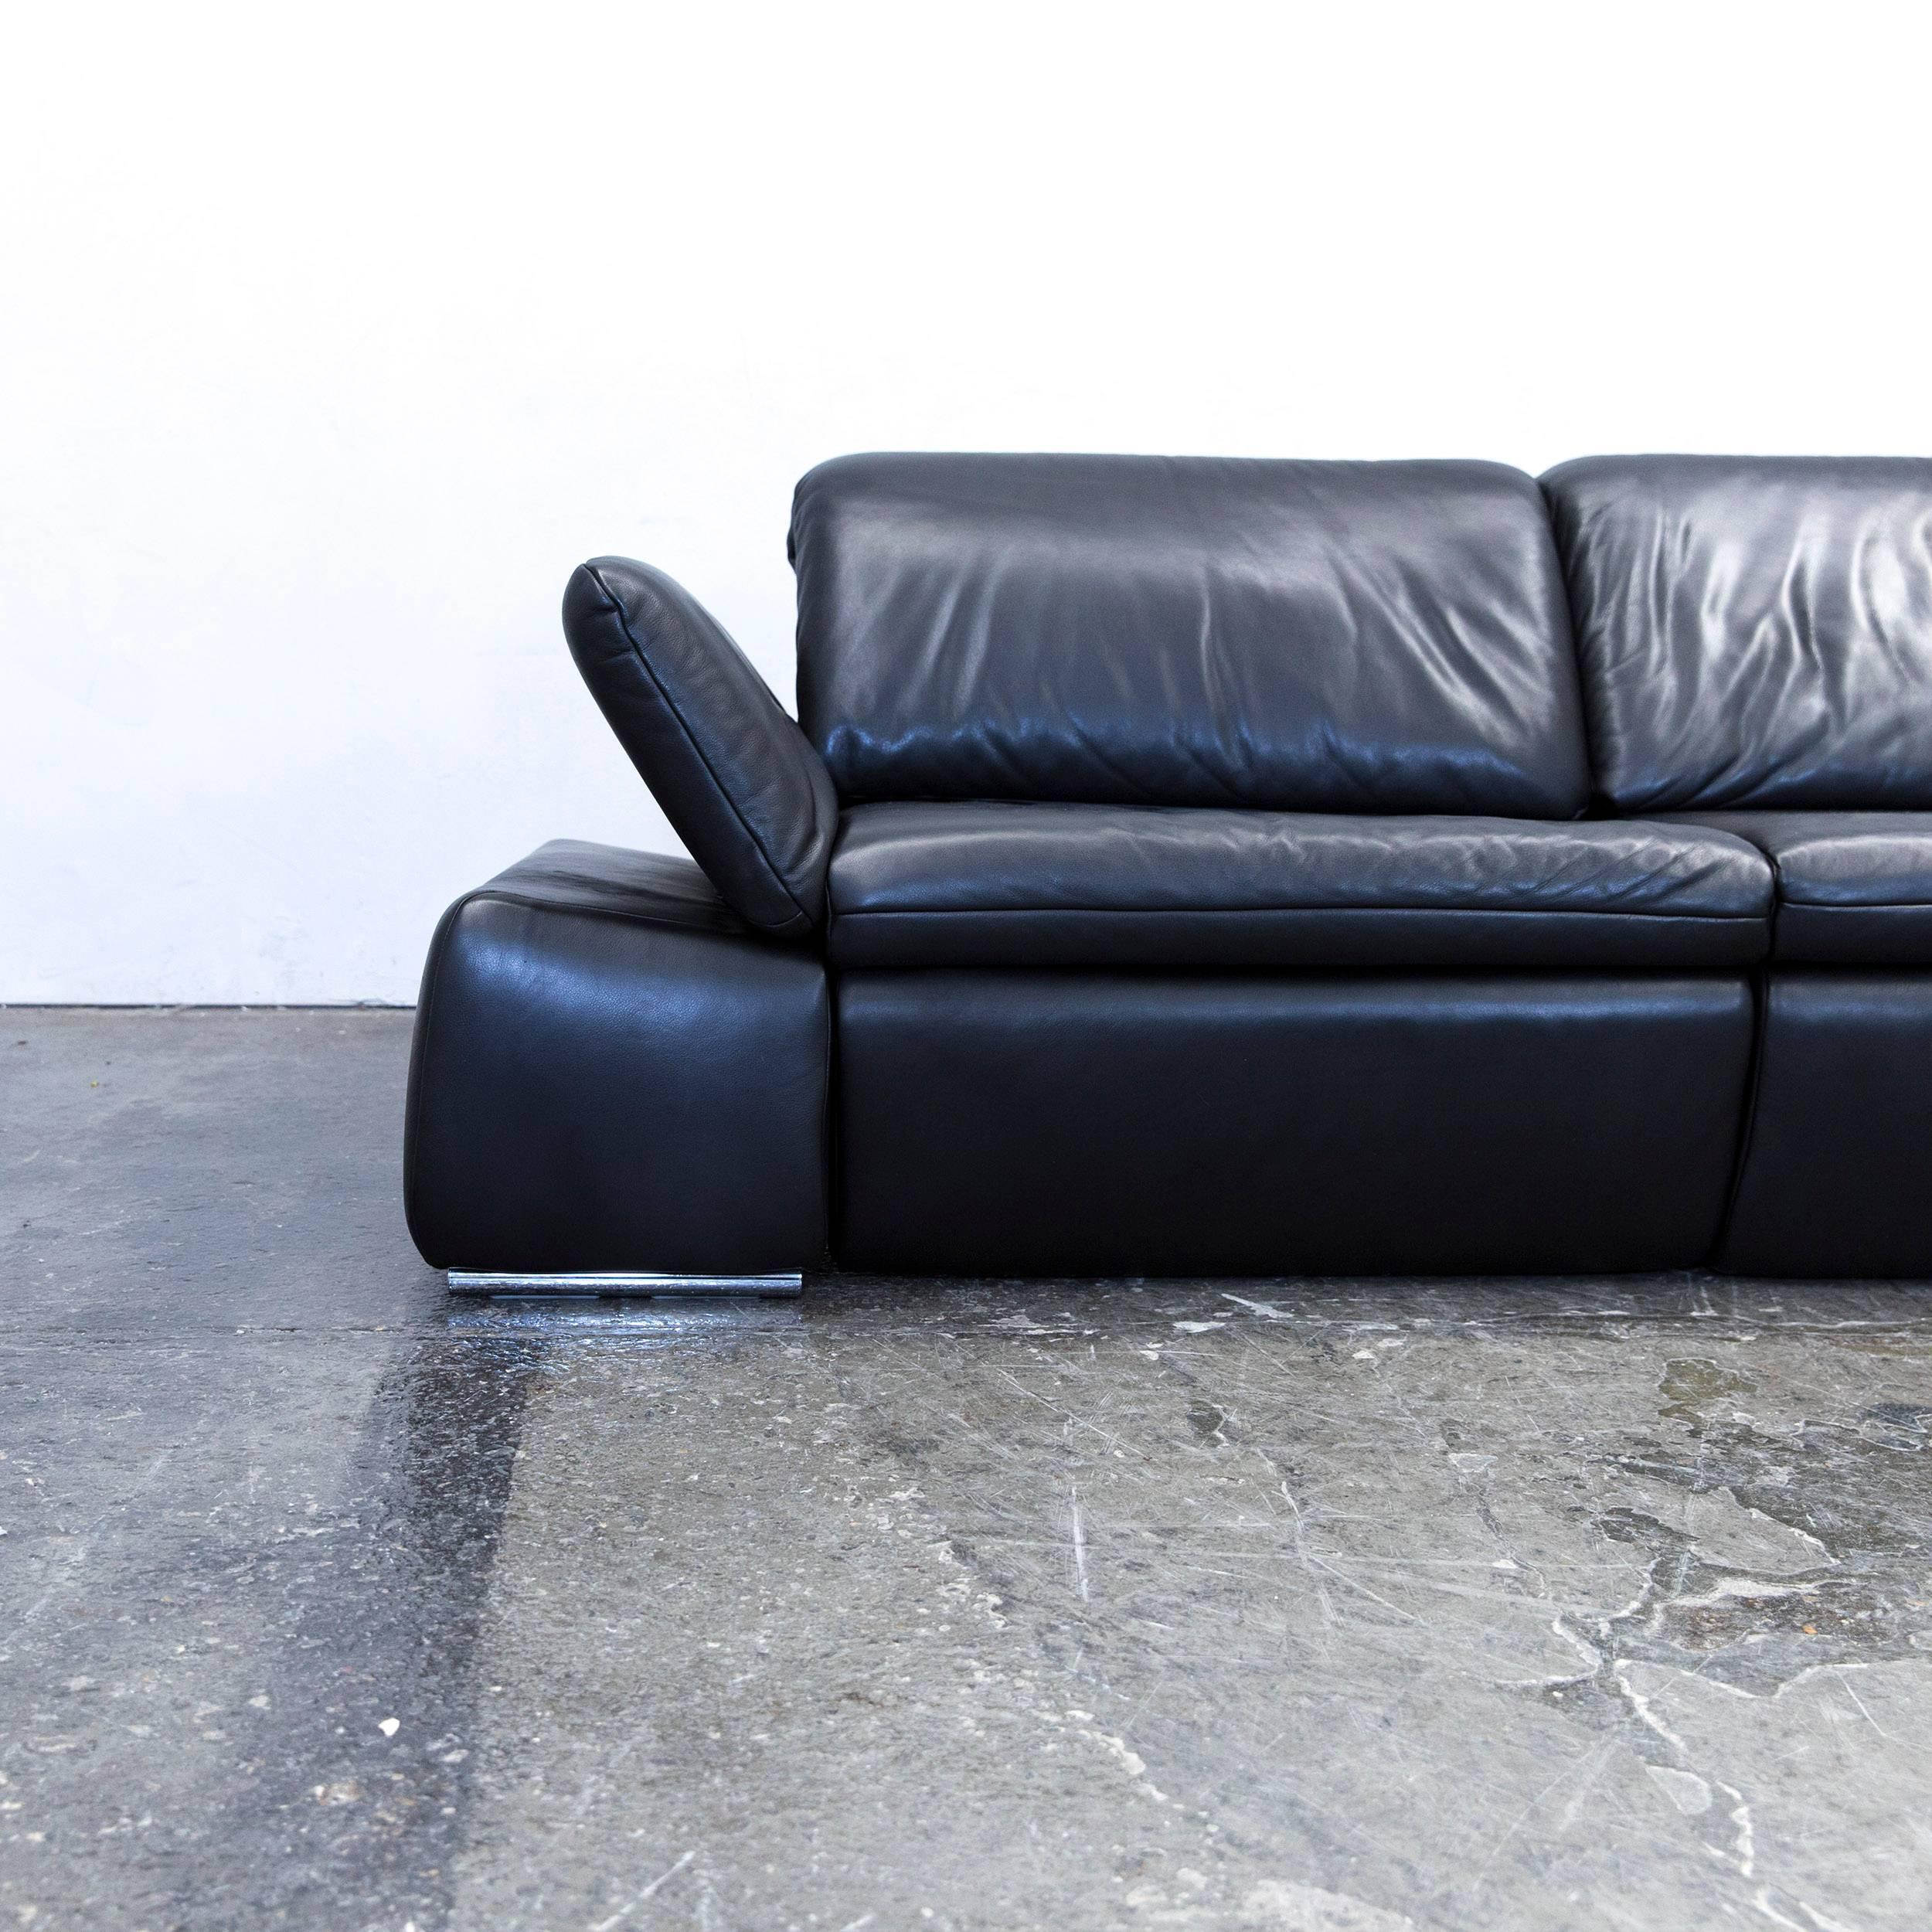 sofa leder schwarz excellent ikea vallentuna sofa schwarz with sofa leder schwarz elegant big. Black Bedroom Furniture Sets. Home Design Ideas